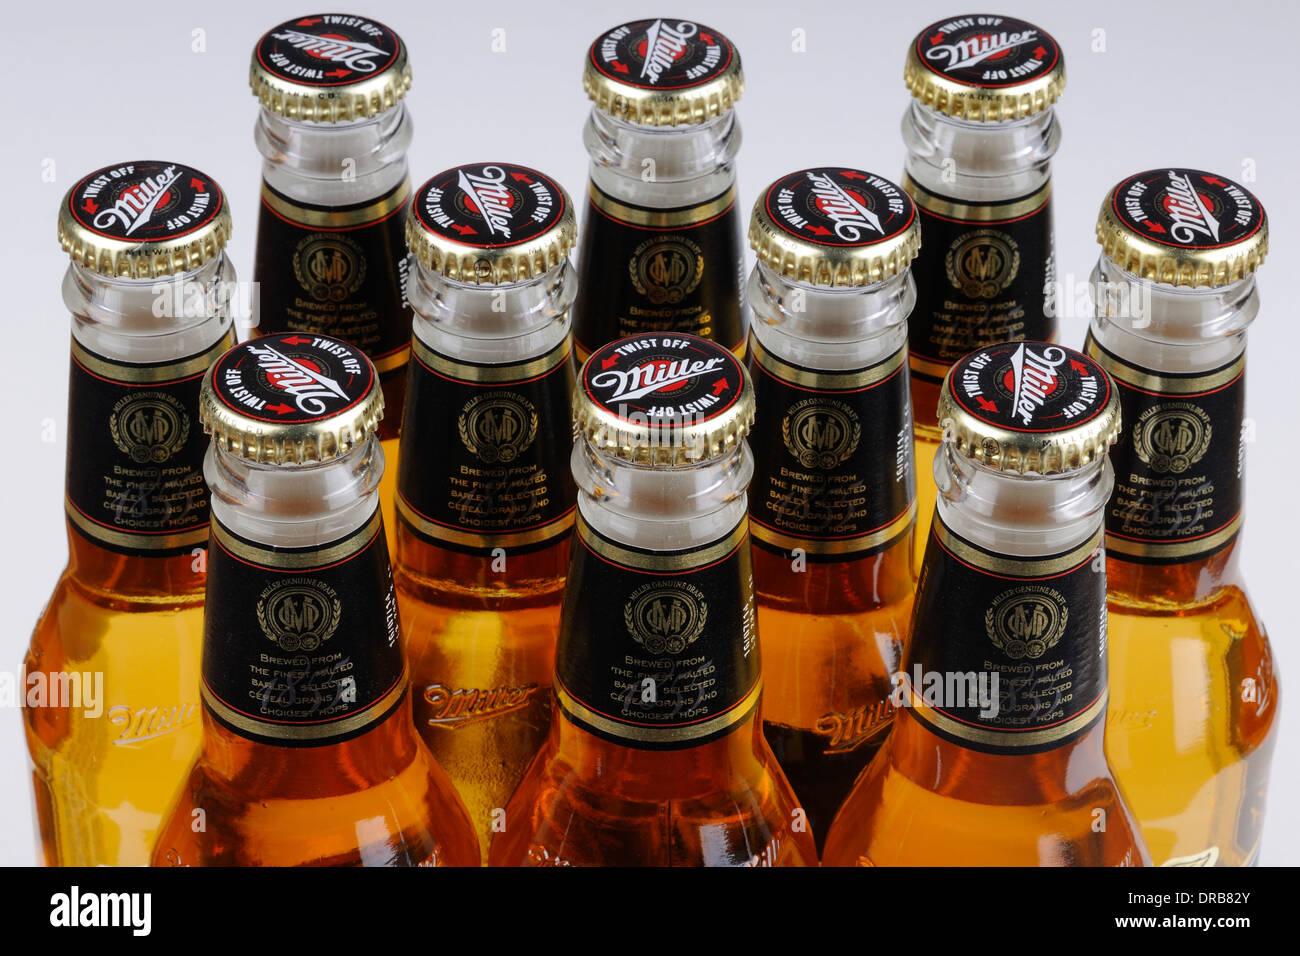 Bierflaschen Stockfotos Bierflaschen Bilder Alamy